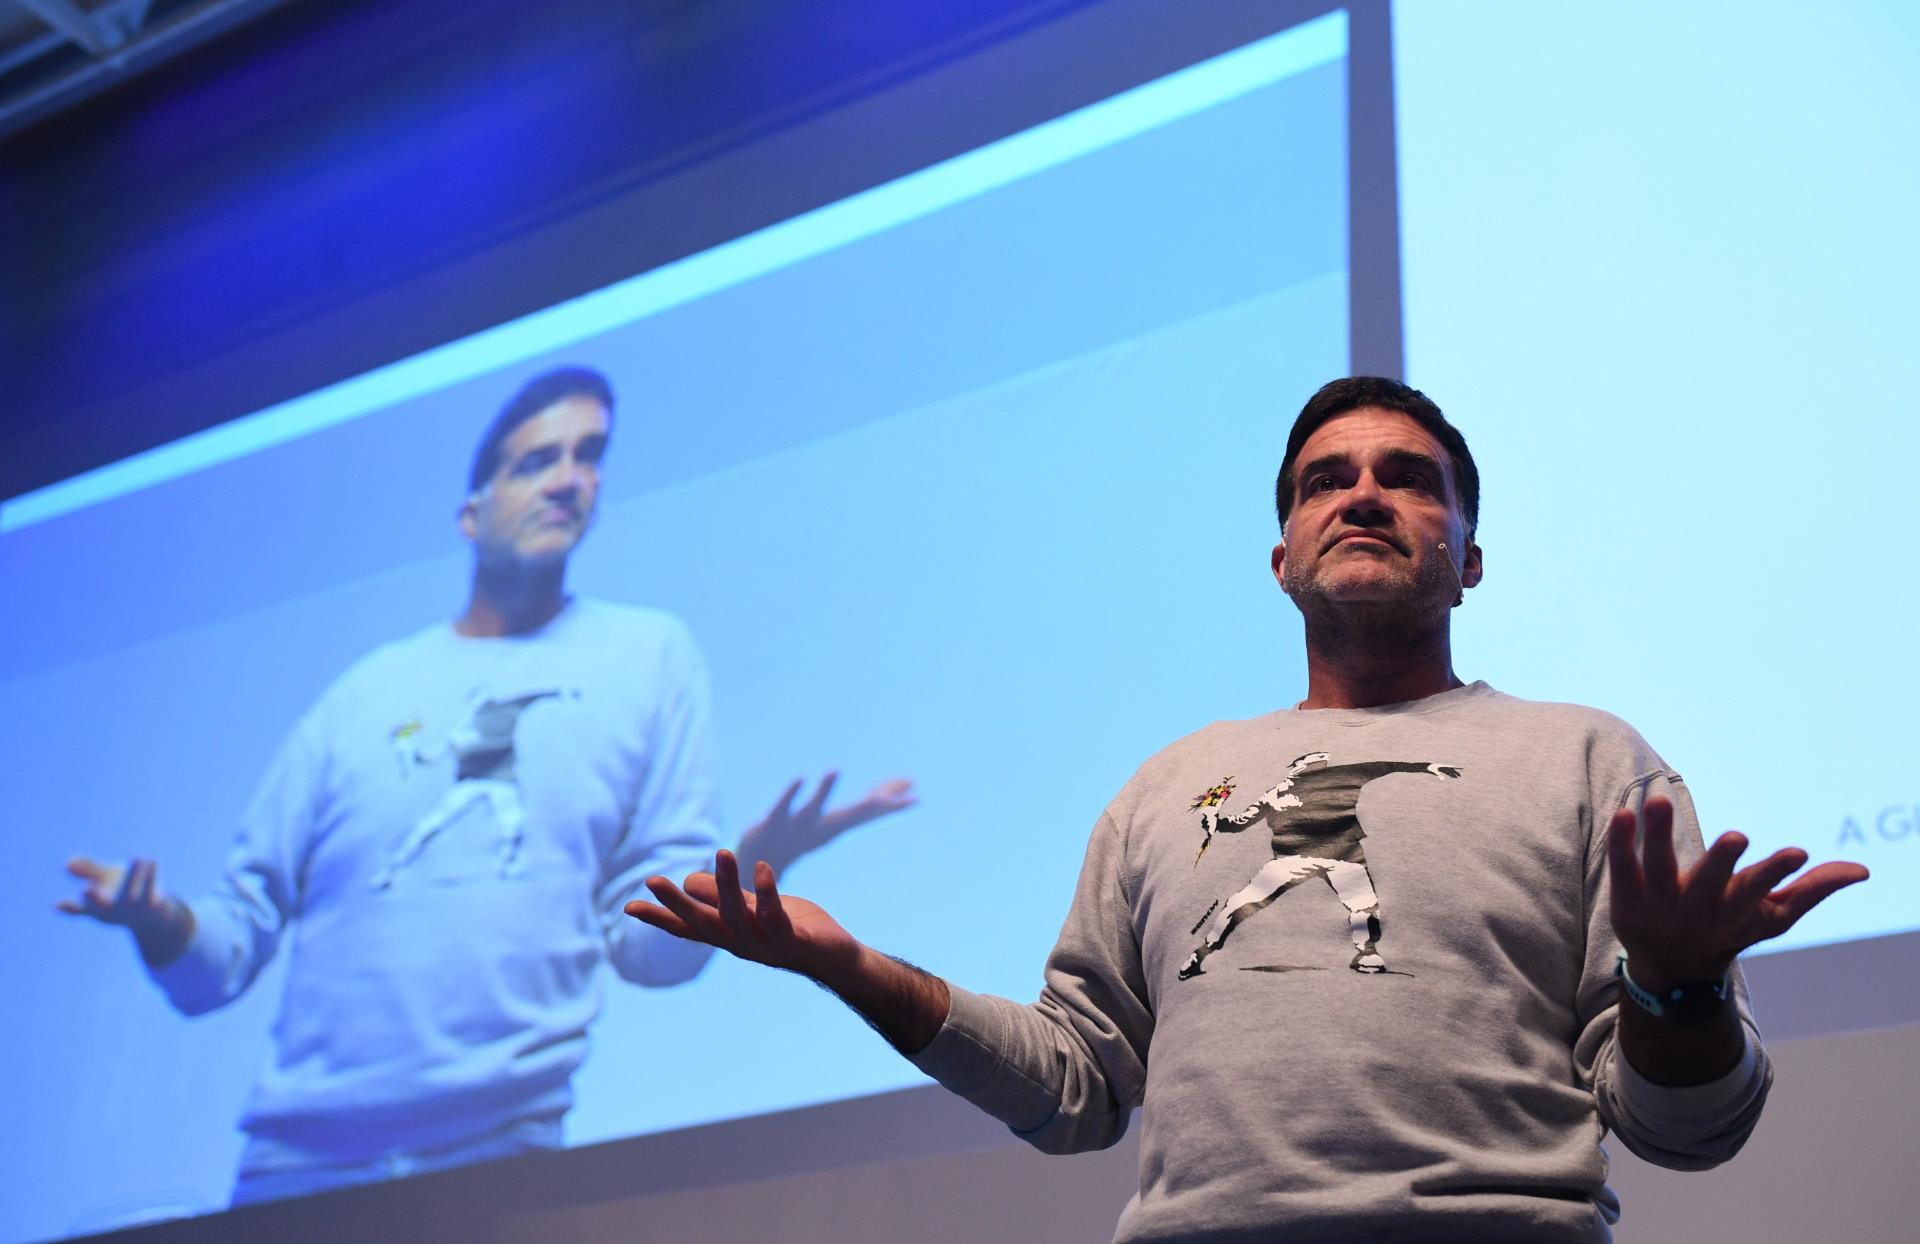 """Valente de O Globo destacó sobre las audiencias: """"Empezamos a hacer ciclos de temas, invitando a personas para hablar sobre temas que pueden inspirar a otros"""""""